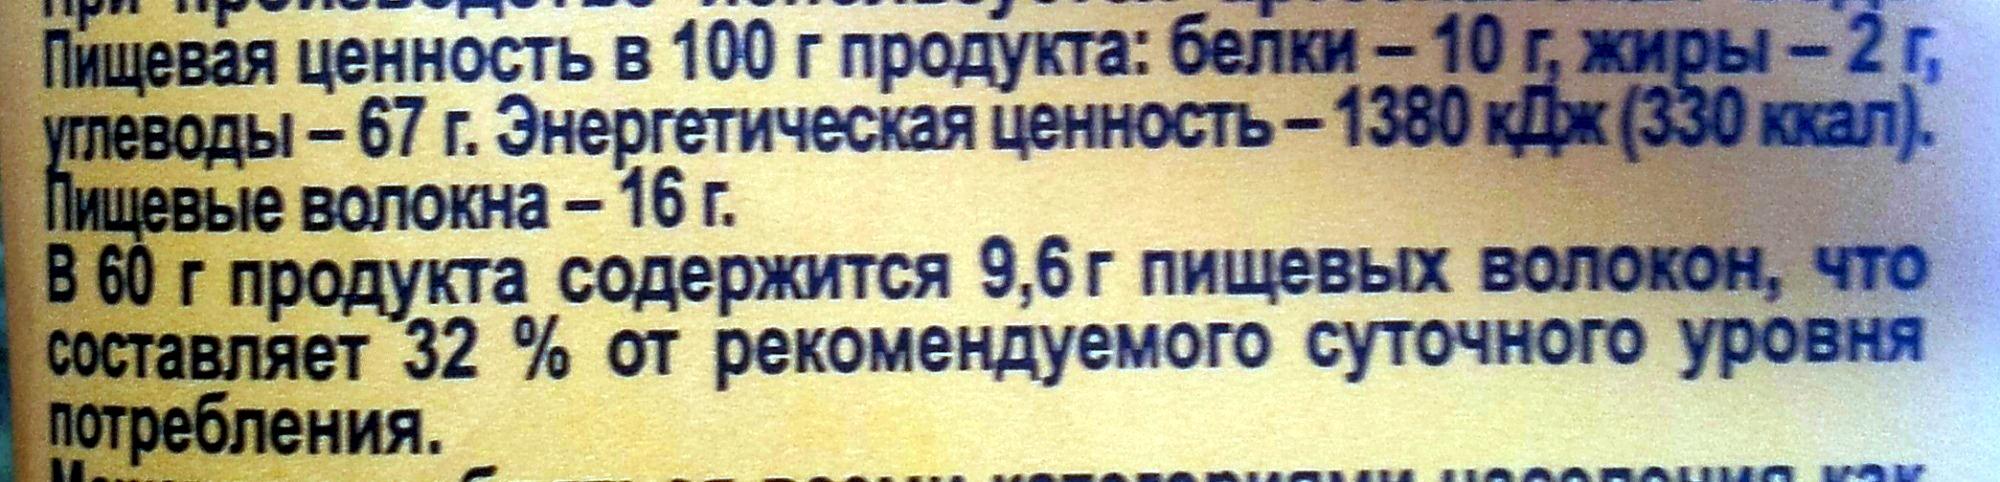 Хлебцы диетического профилактического питания ржаные с отрубями - Voedingswaarden - ru